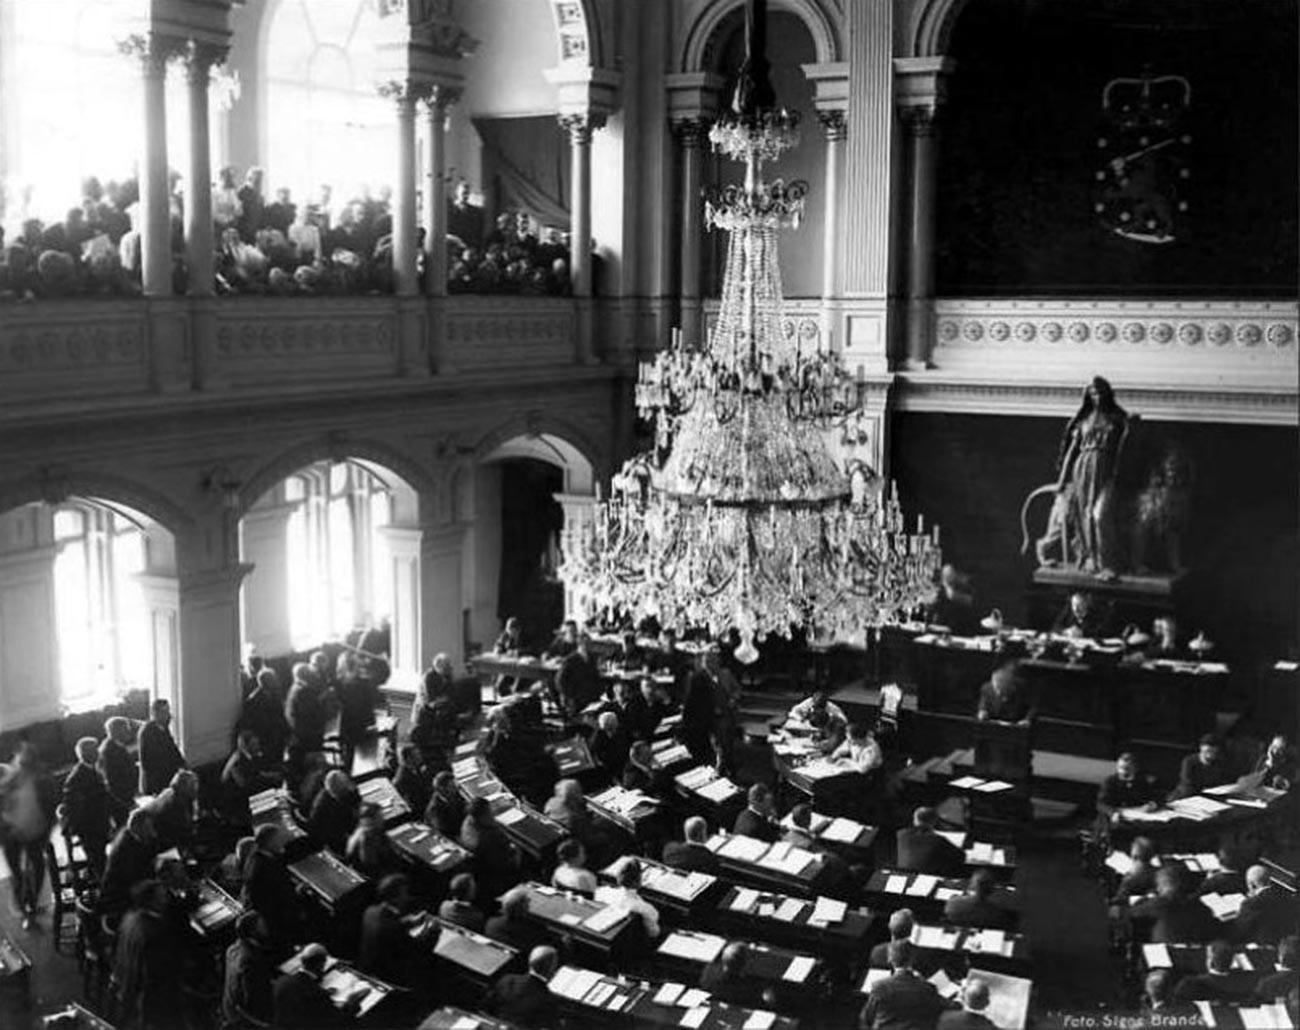 Parlamento de Finlandia, primera sesión en 1907.